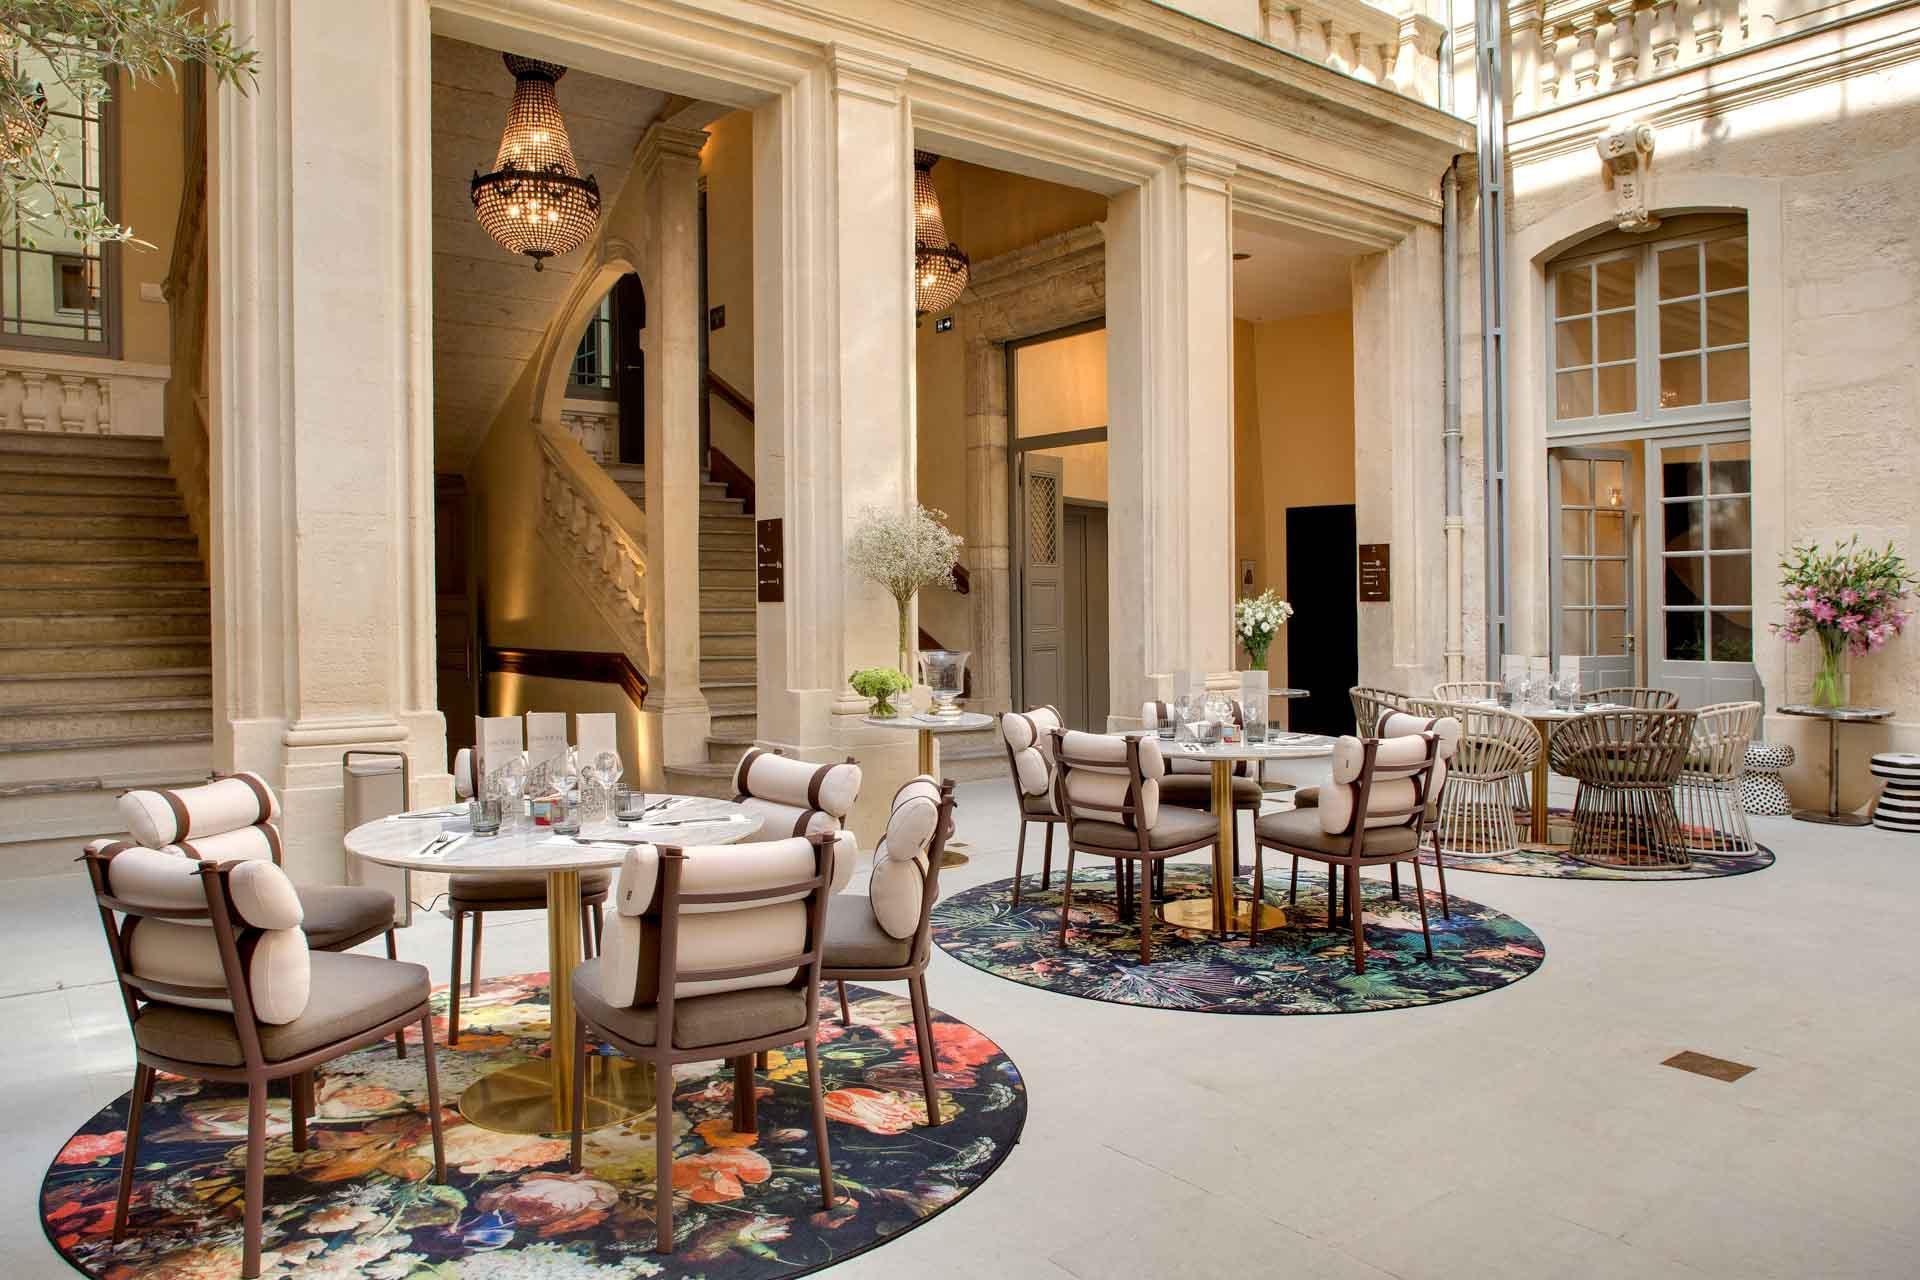 Hôtel Richer de Belleval — La Canourgue © Agence Sweep Jérôme Mondière